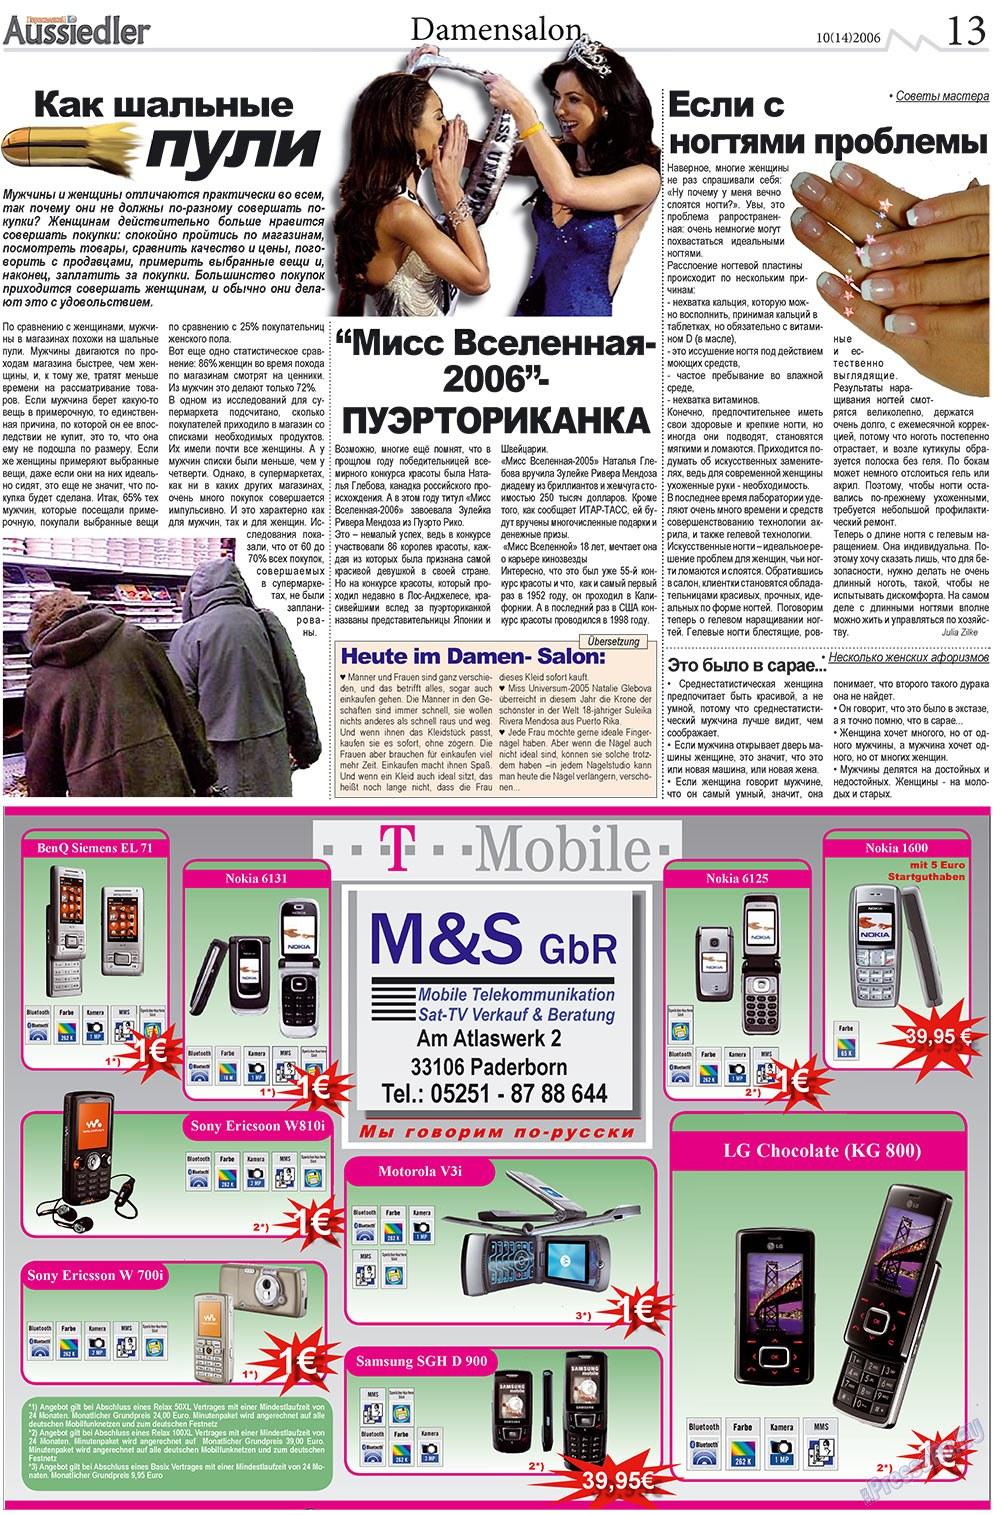 Переселенец (газета). 2006 год, номер 10, стр. 13